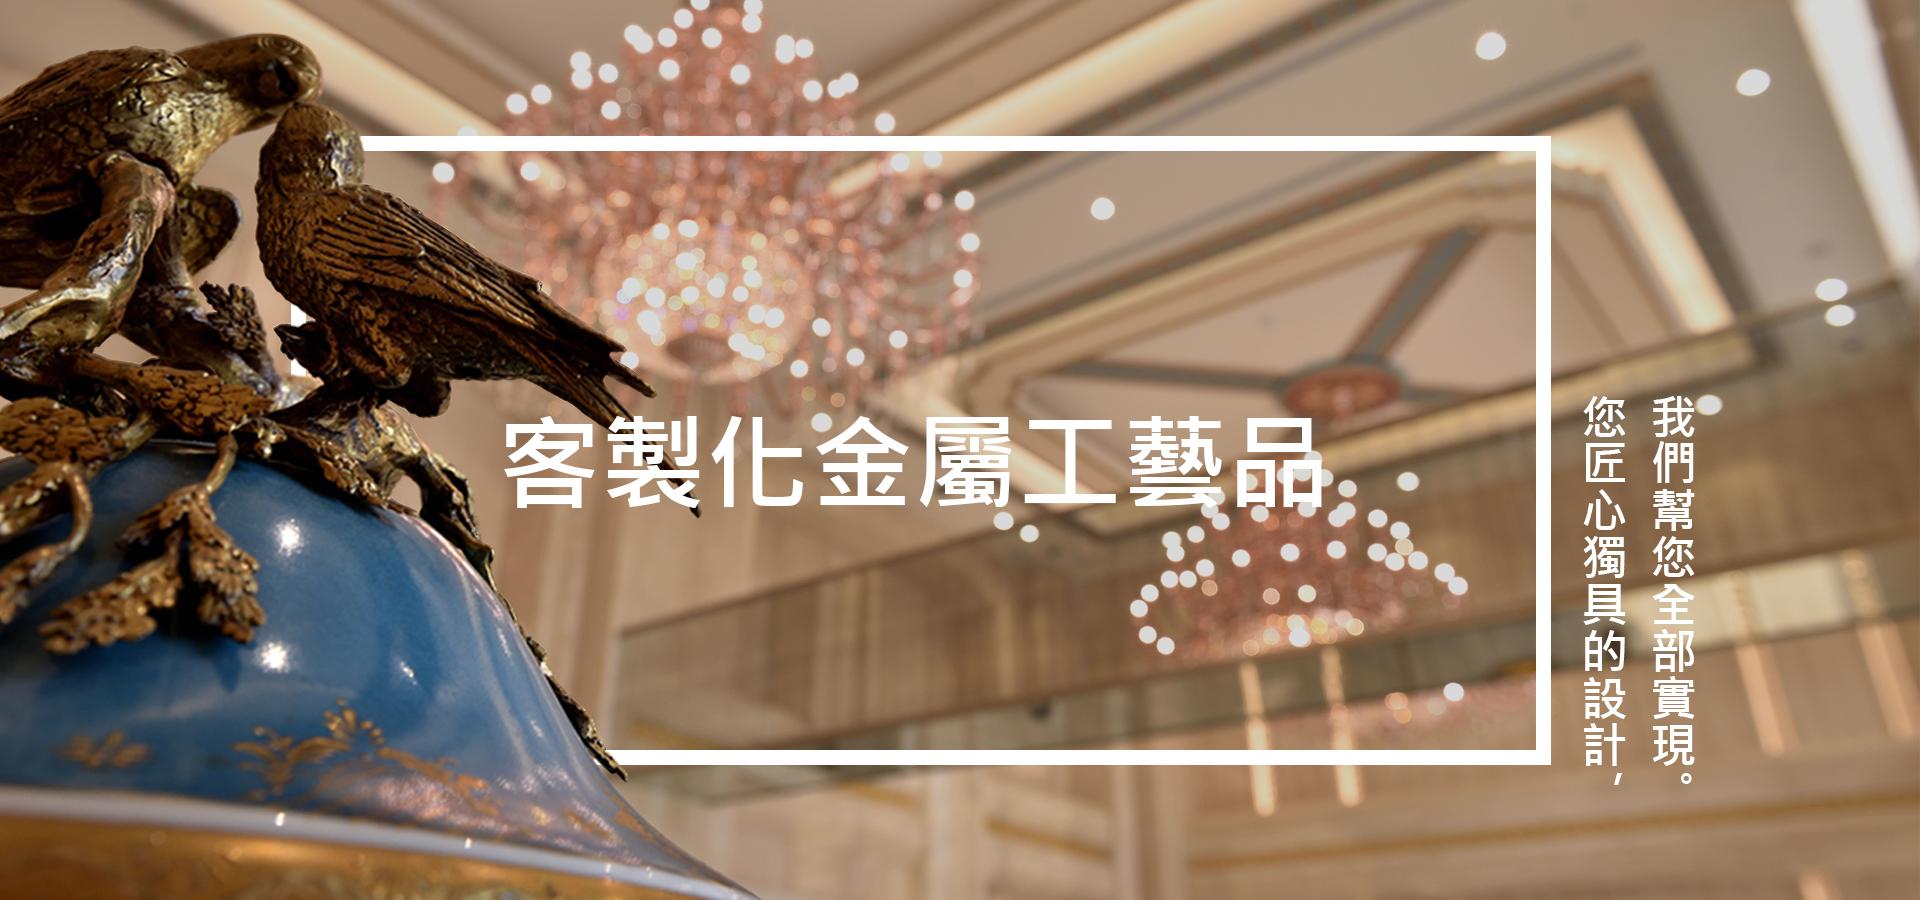 八京,客製化金屬工藝品